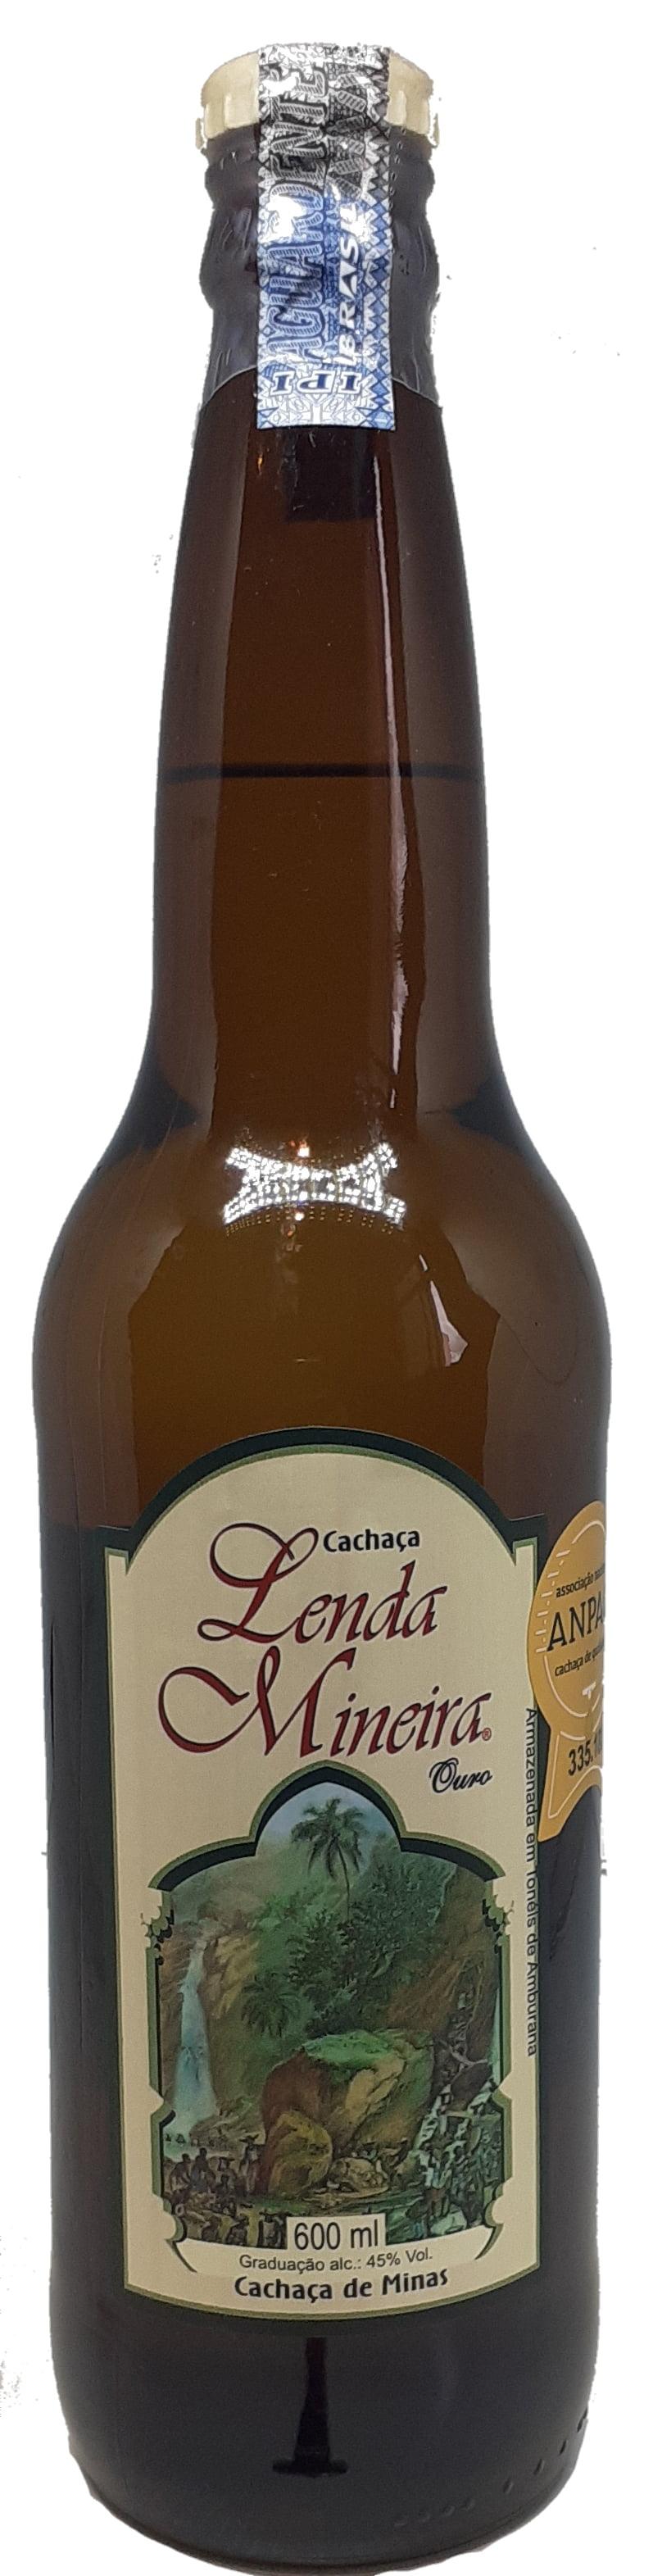 Cachaça Lenda Mineira Ouro 600 ml